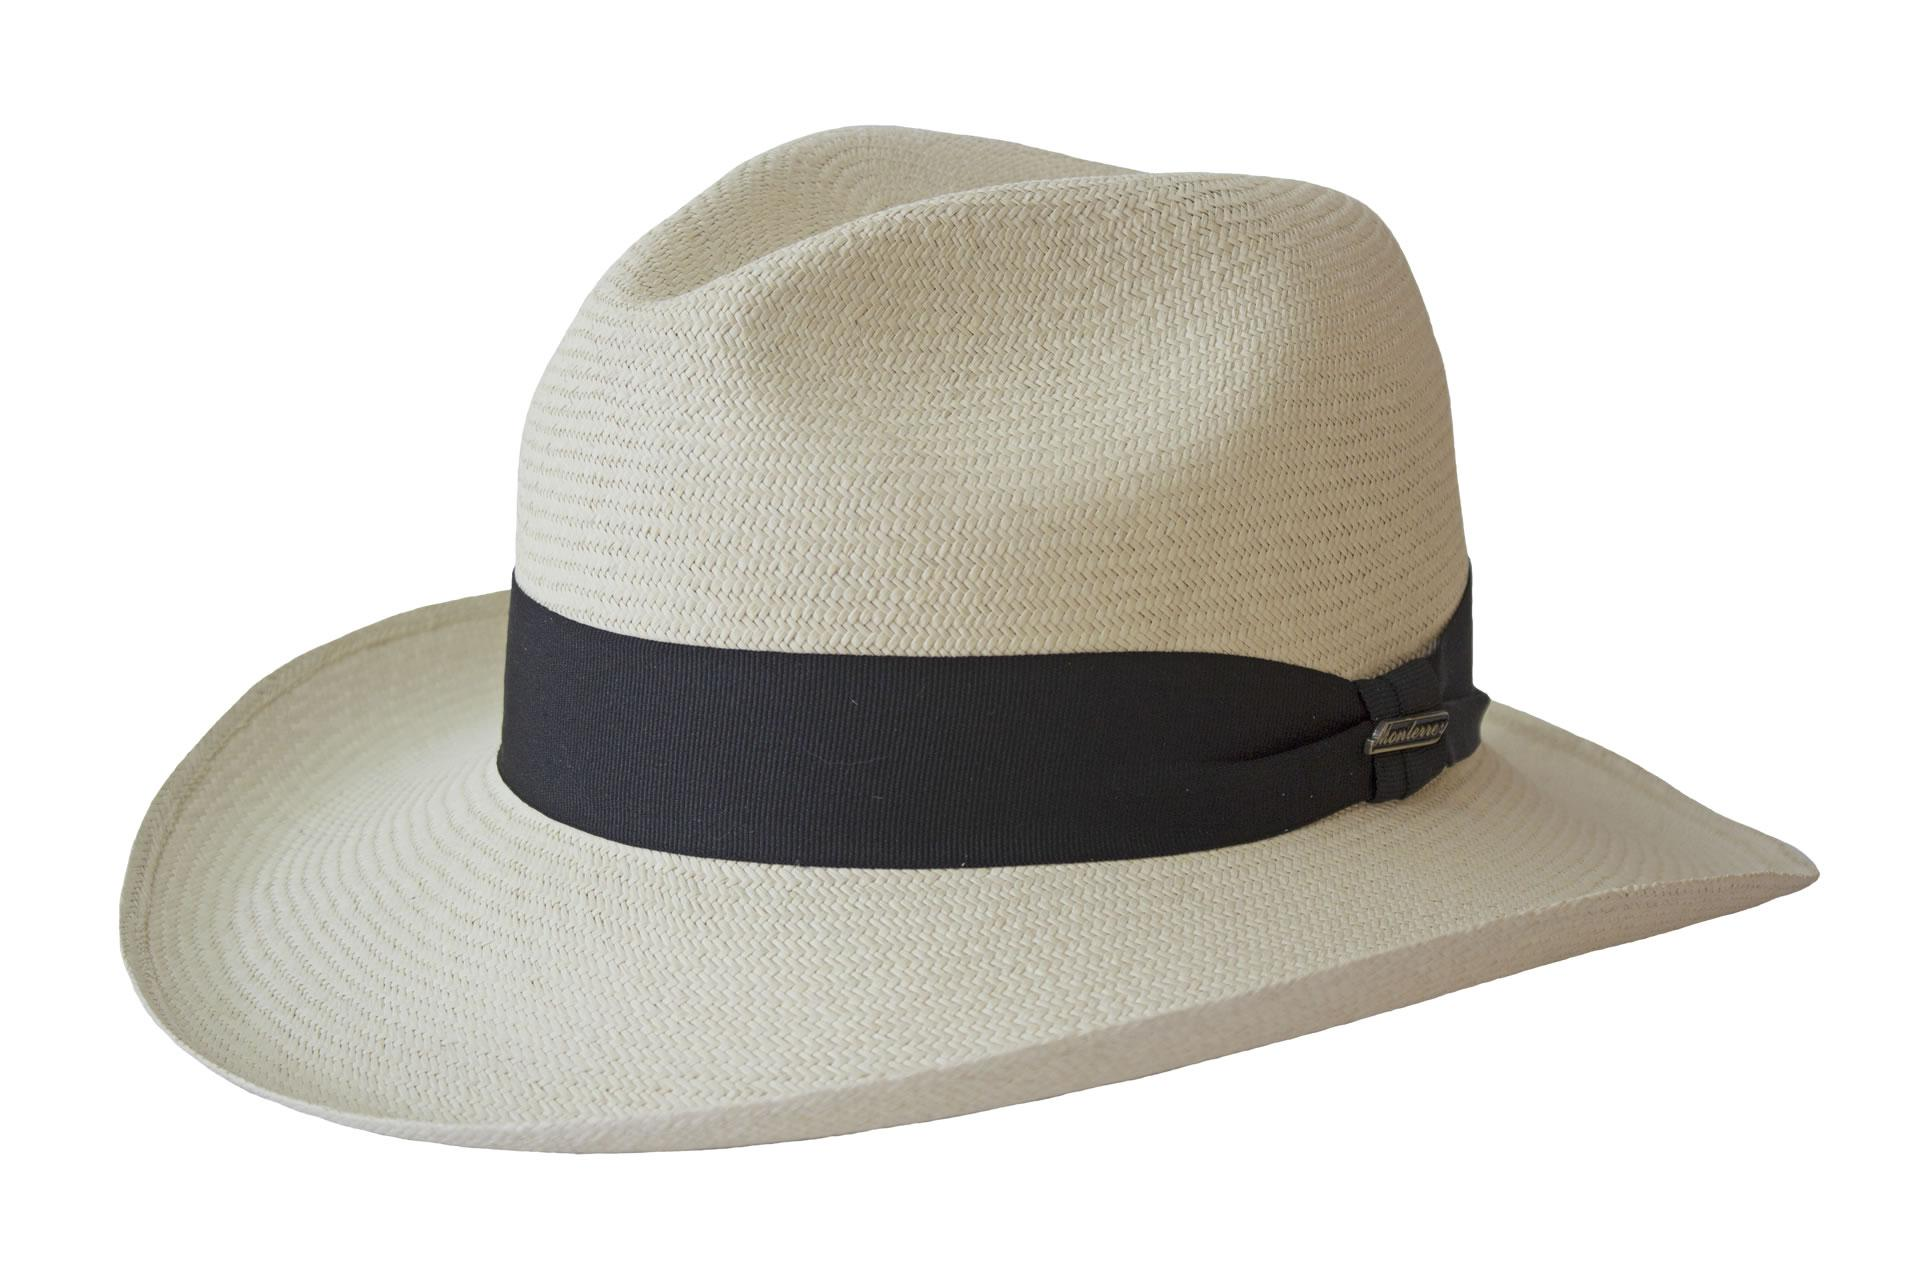 Distribuidora Nacional de Sombreros - Dinalsom